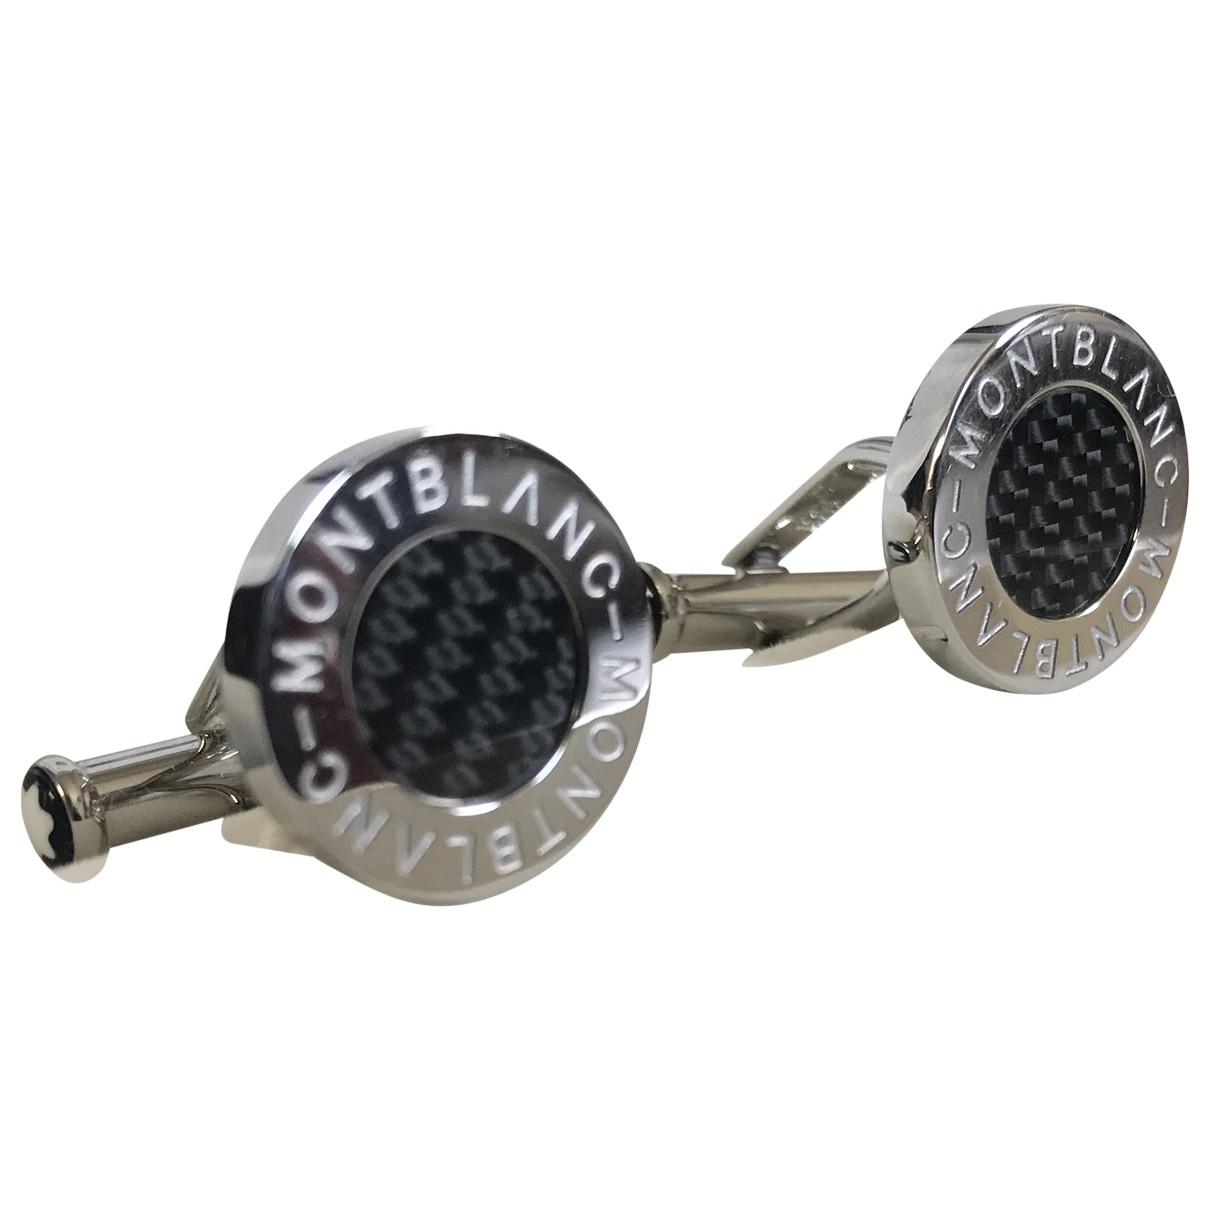 Montblanc \N Manschettenknopfe in  Silber Stahl